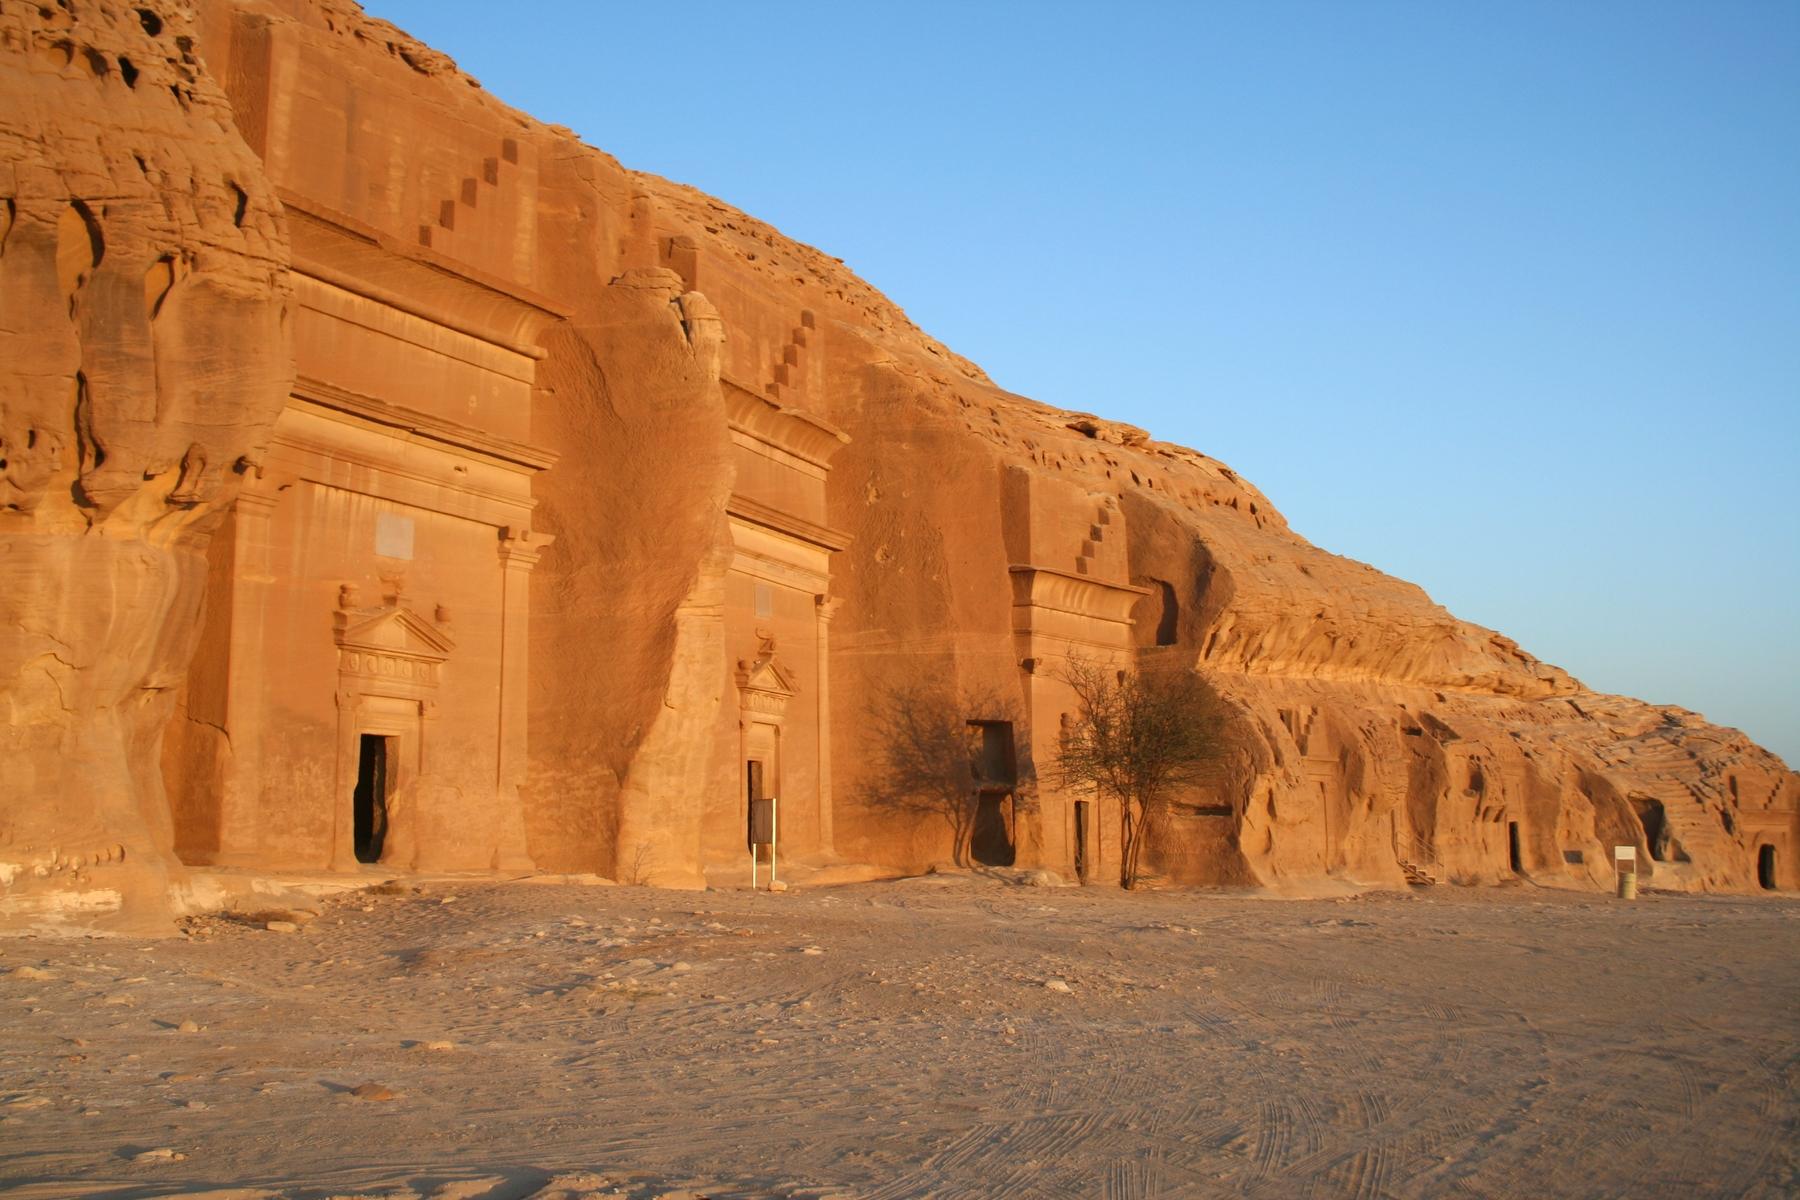 Países más grandes: Monumento en Arabia Saudita